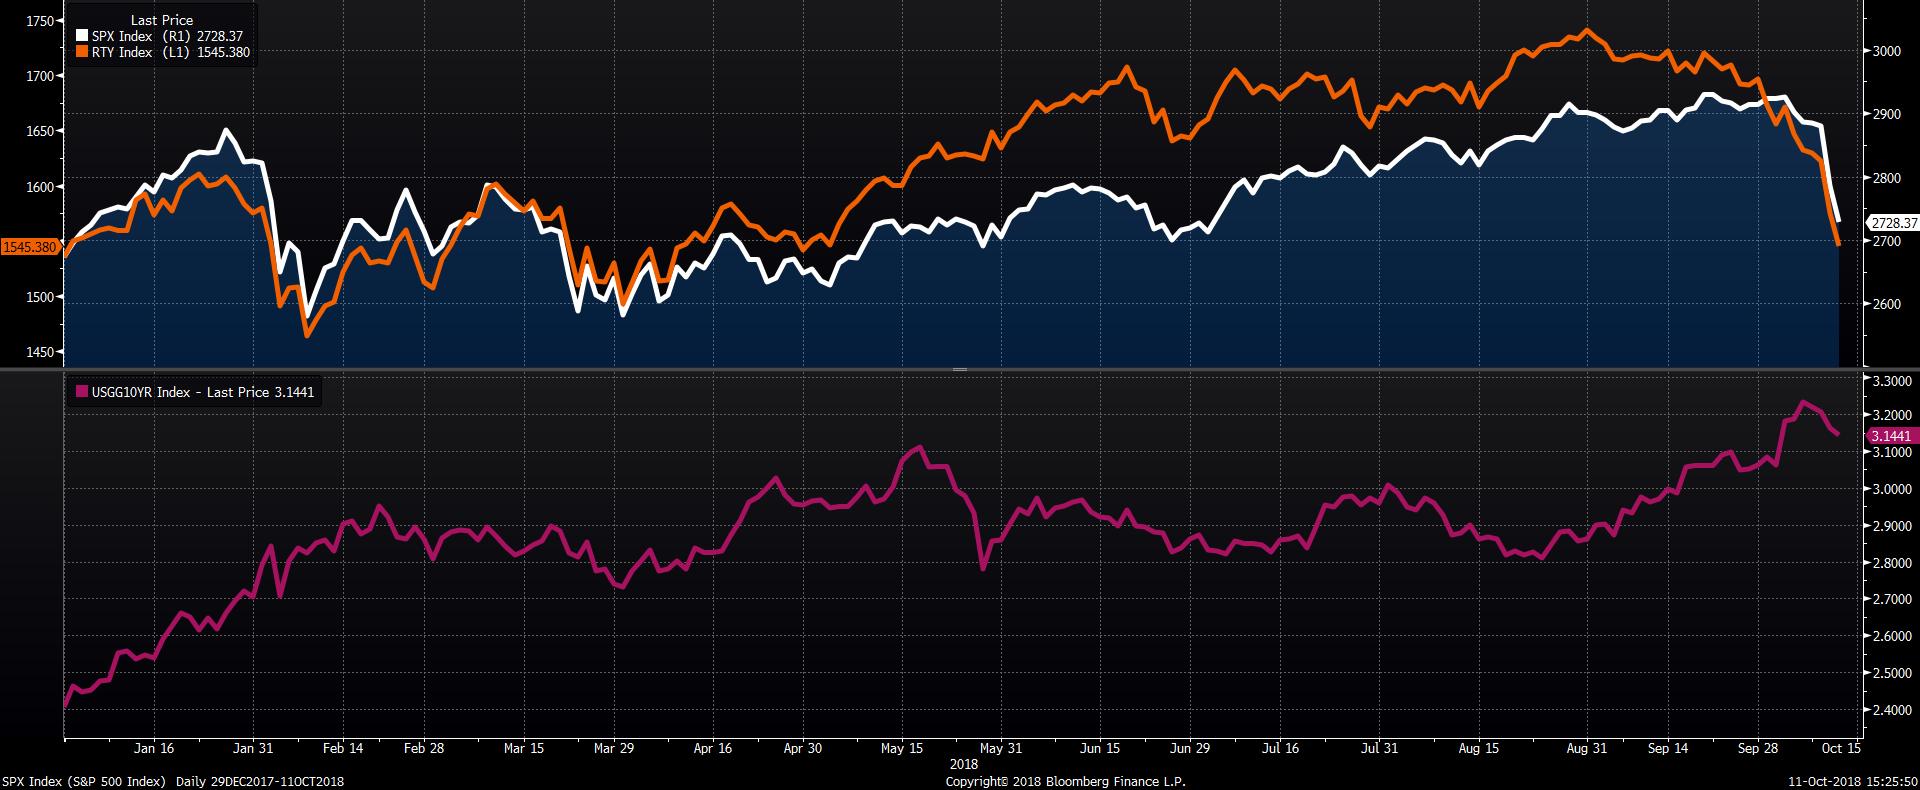 Vývoj indexu největších amerických společností S&P 500 (bílá s modrým podkladem), indexu Russell 2000 s malými firmami (oranžová) a výnosu 10letých státních dluhopisů (fialová)